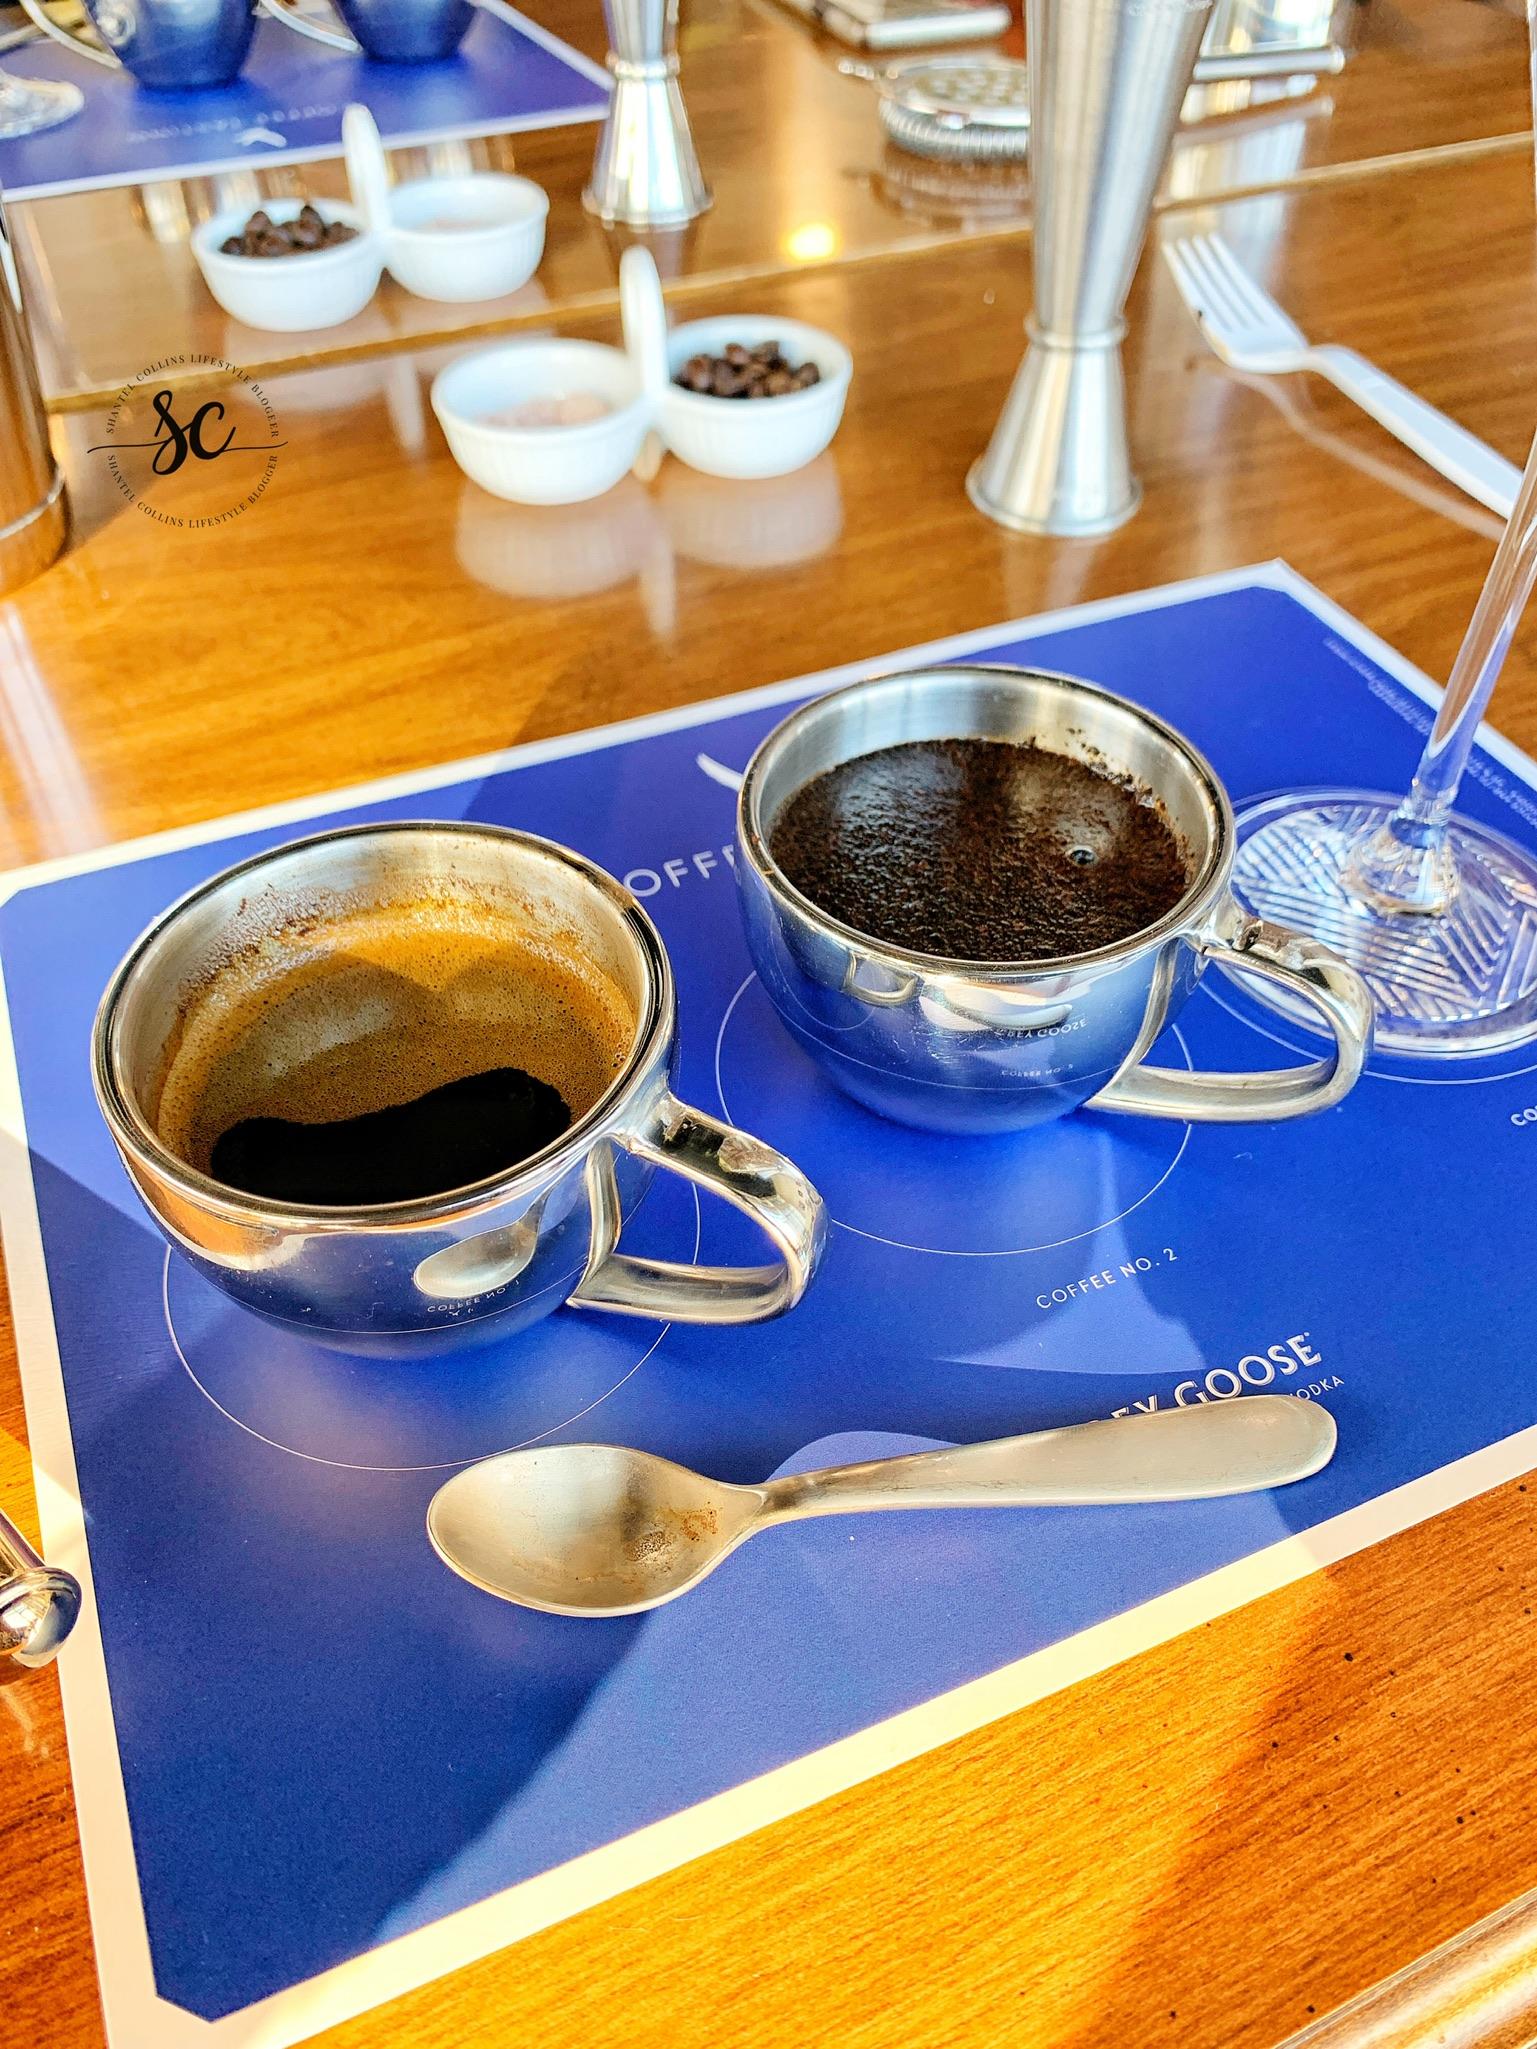 Espresso made for the Vive L' Espresso Martini